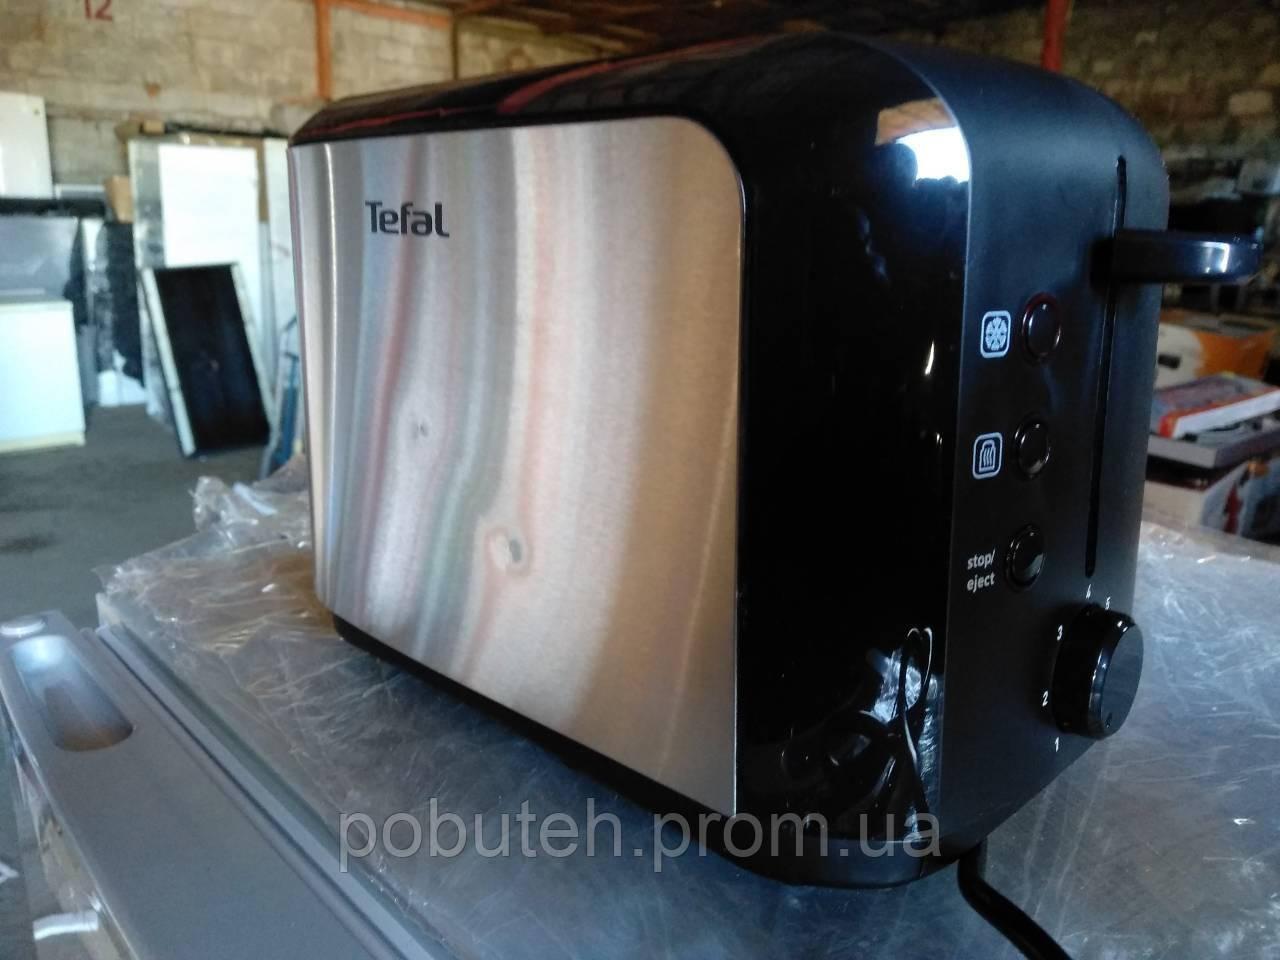 Тостер Tefal TT3565